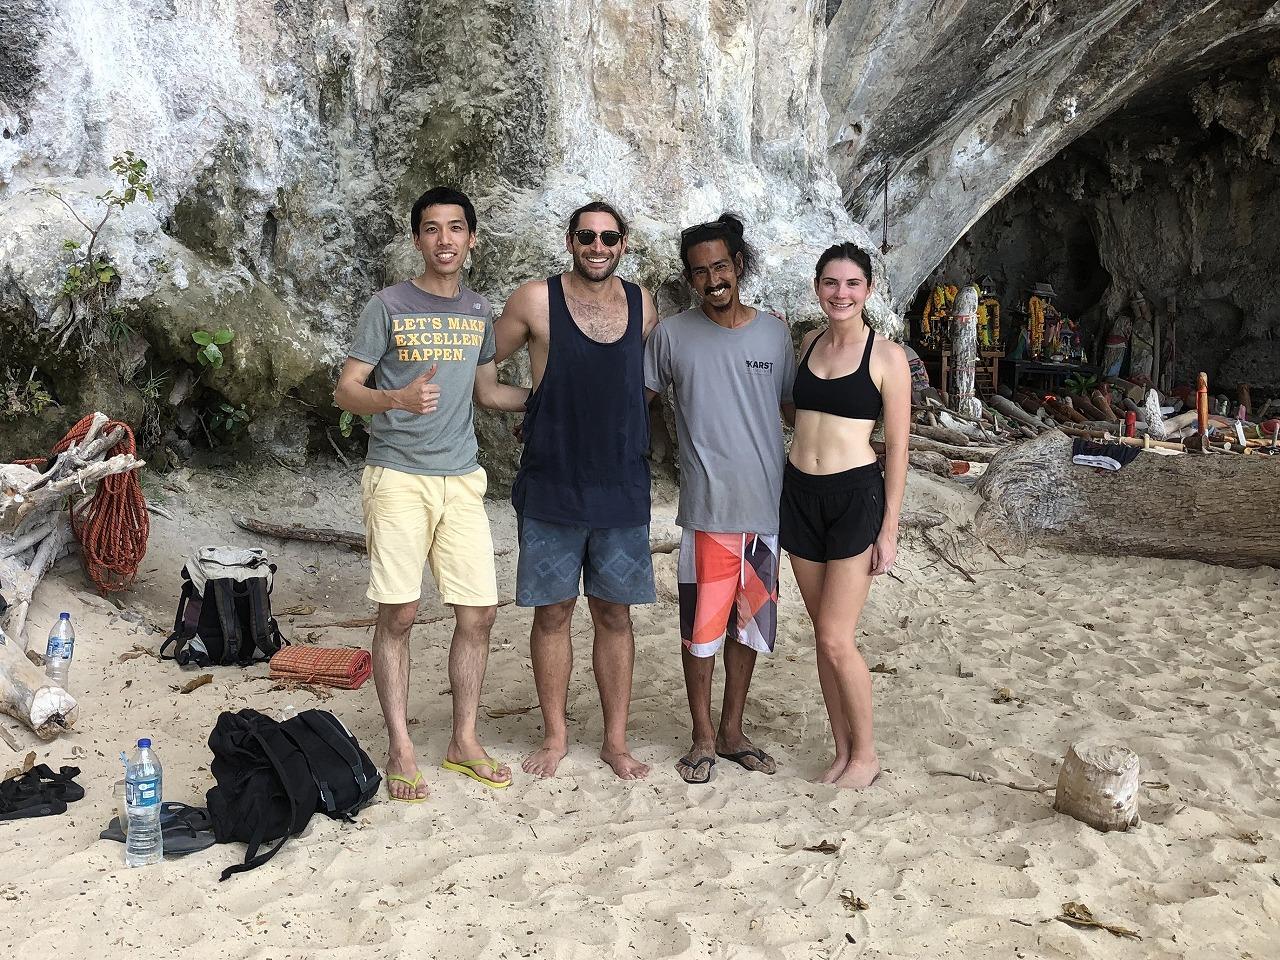 壁を背景にグループ写真